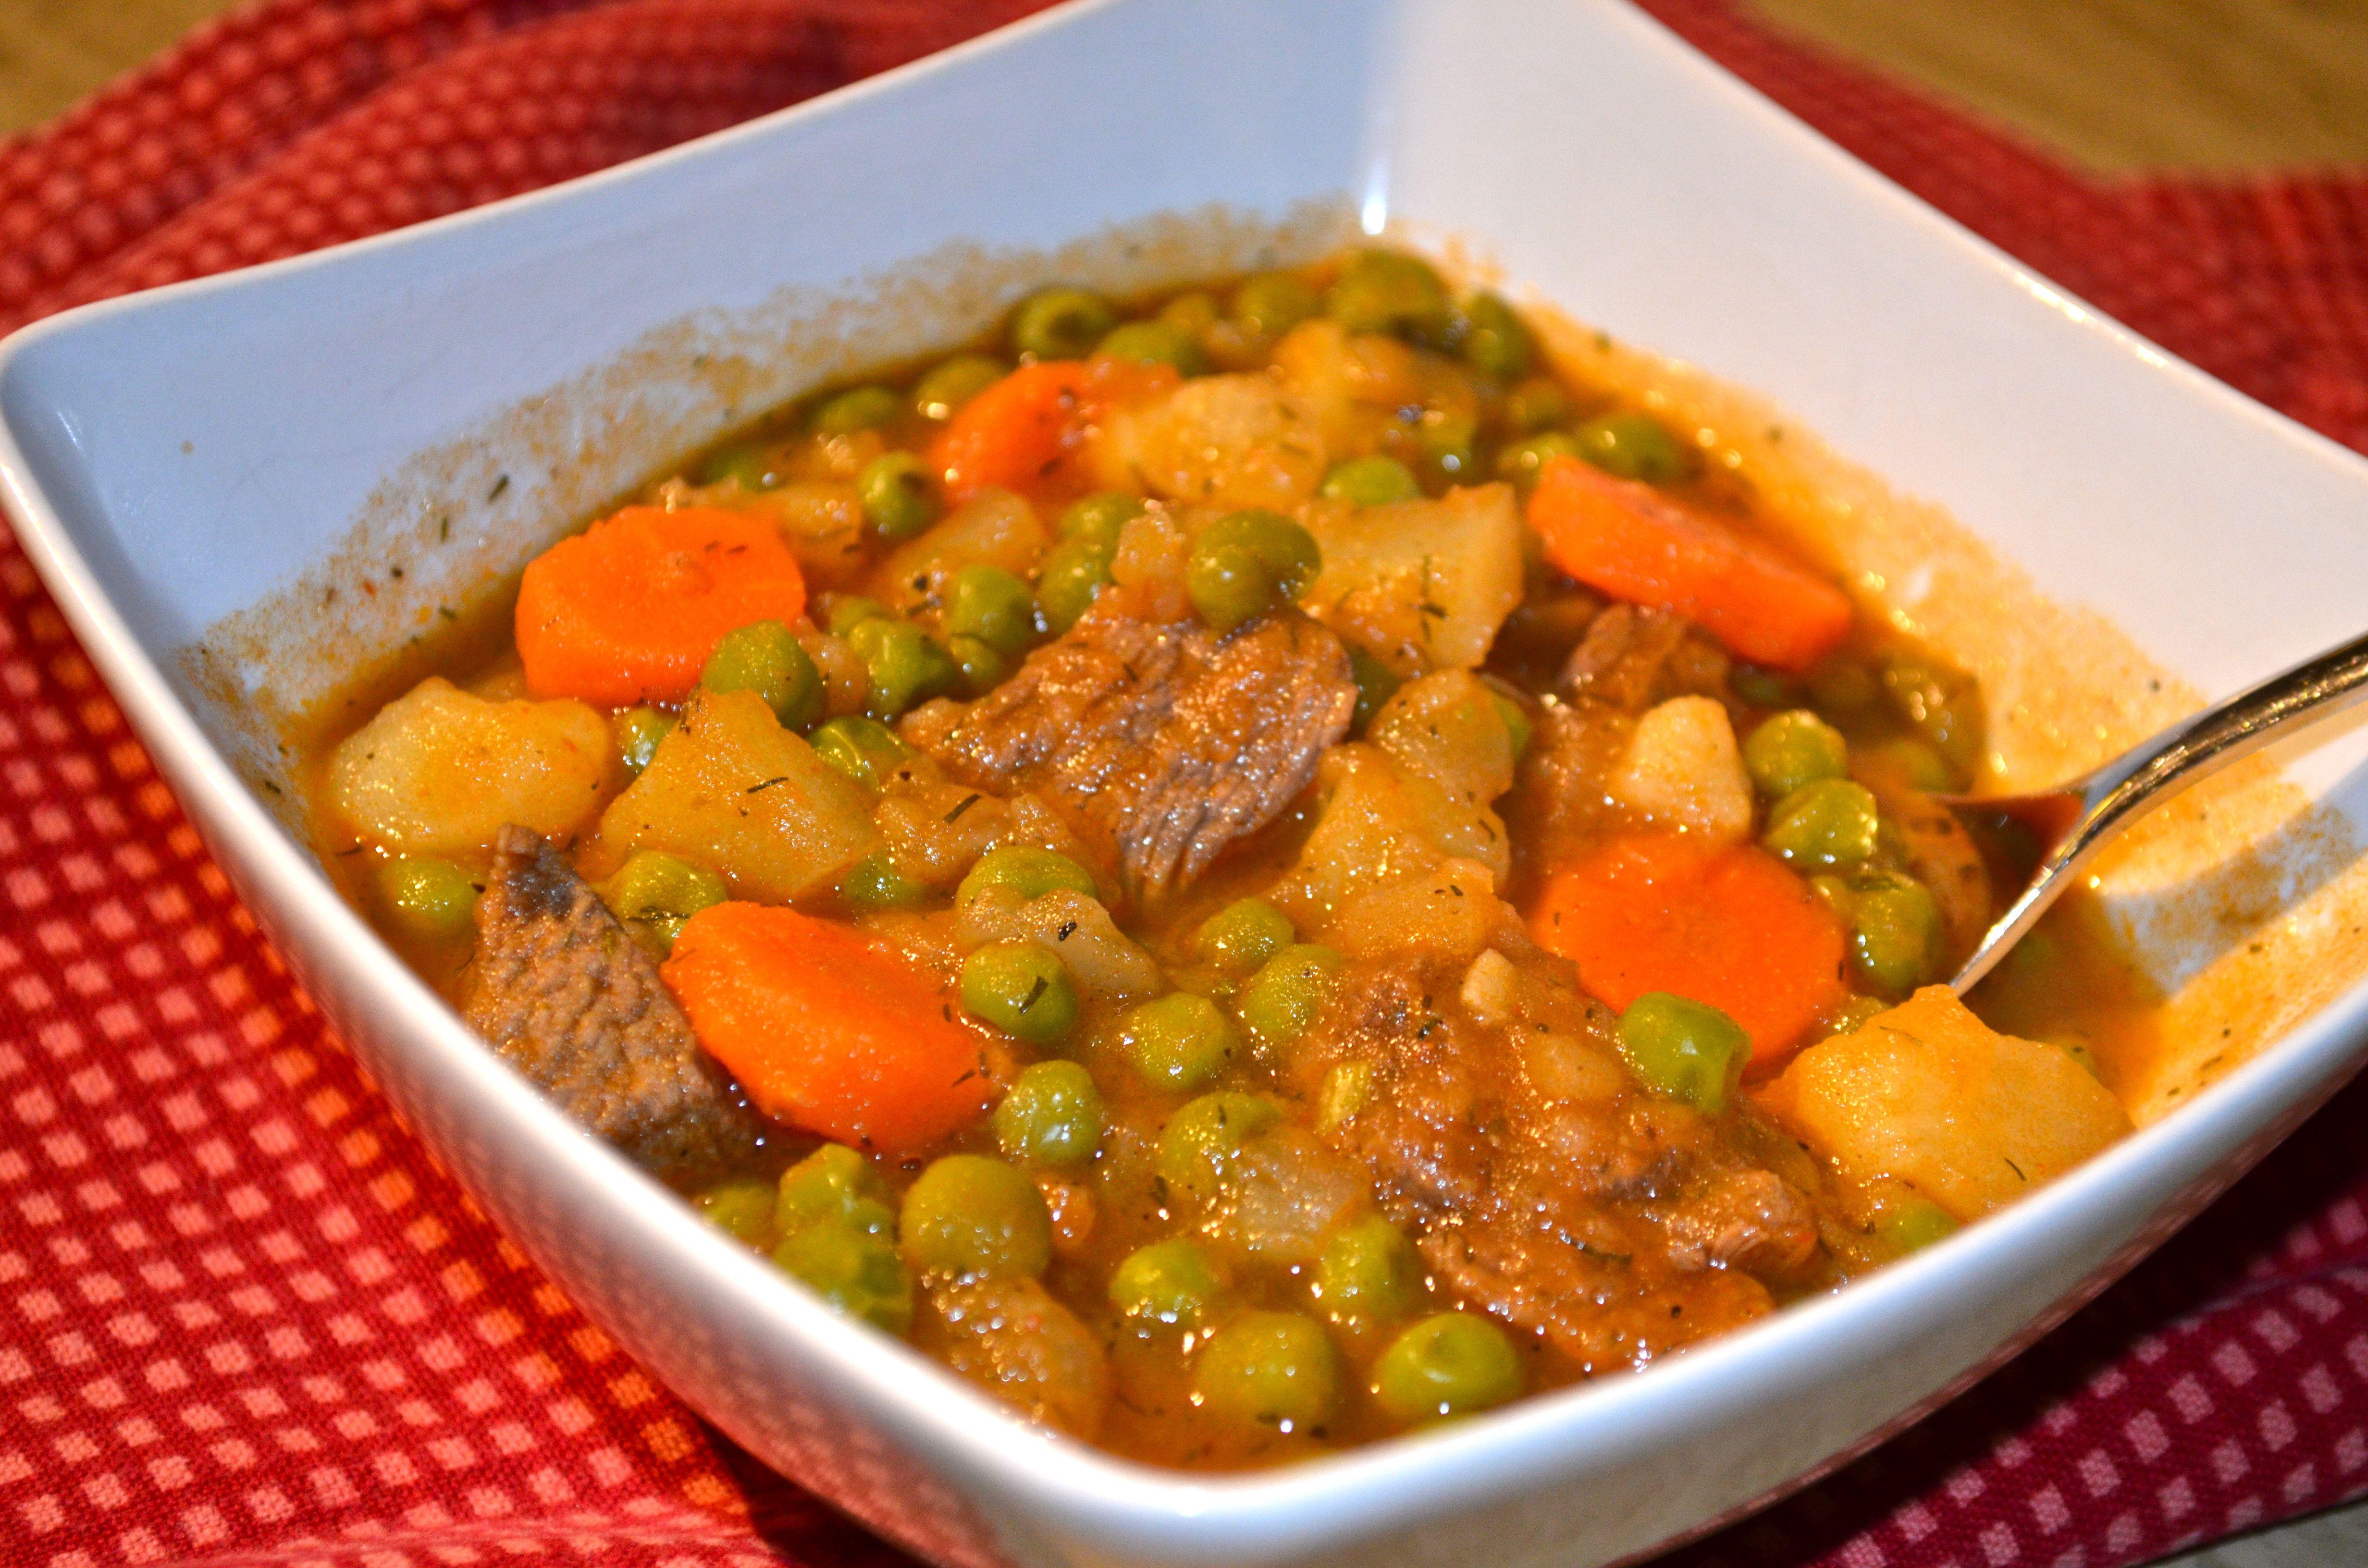 Graak pea stew bosnian recipes pinterest stew bosnian posts about bosnian written by forumfinder Choice Image